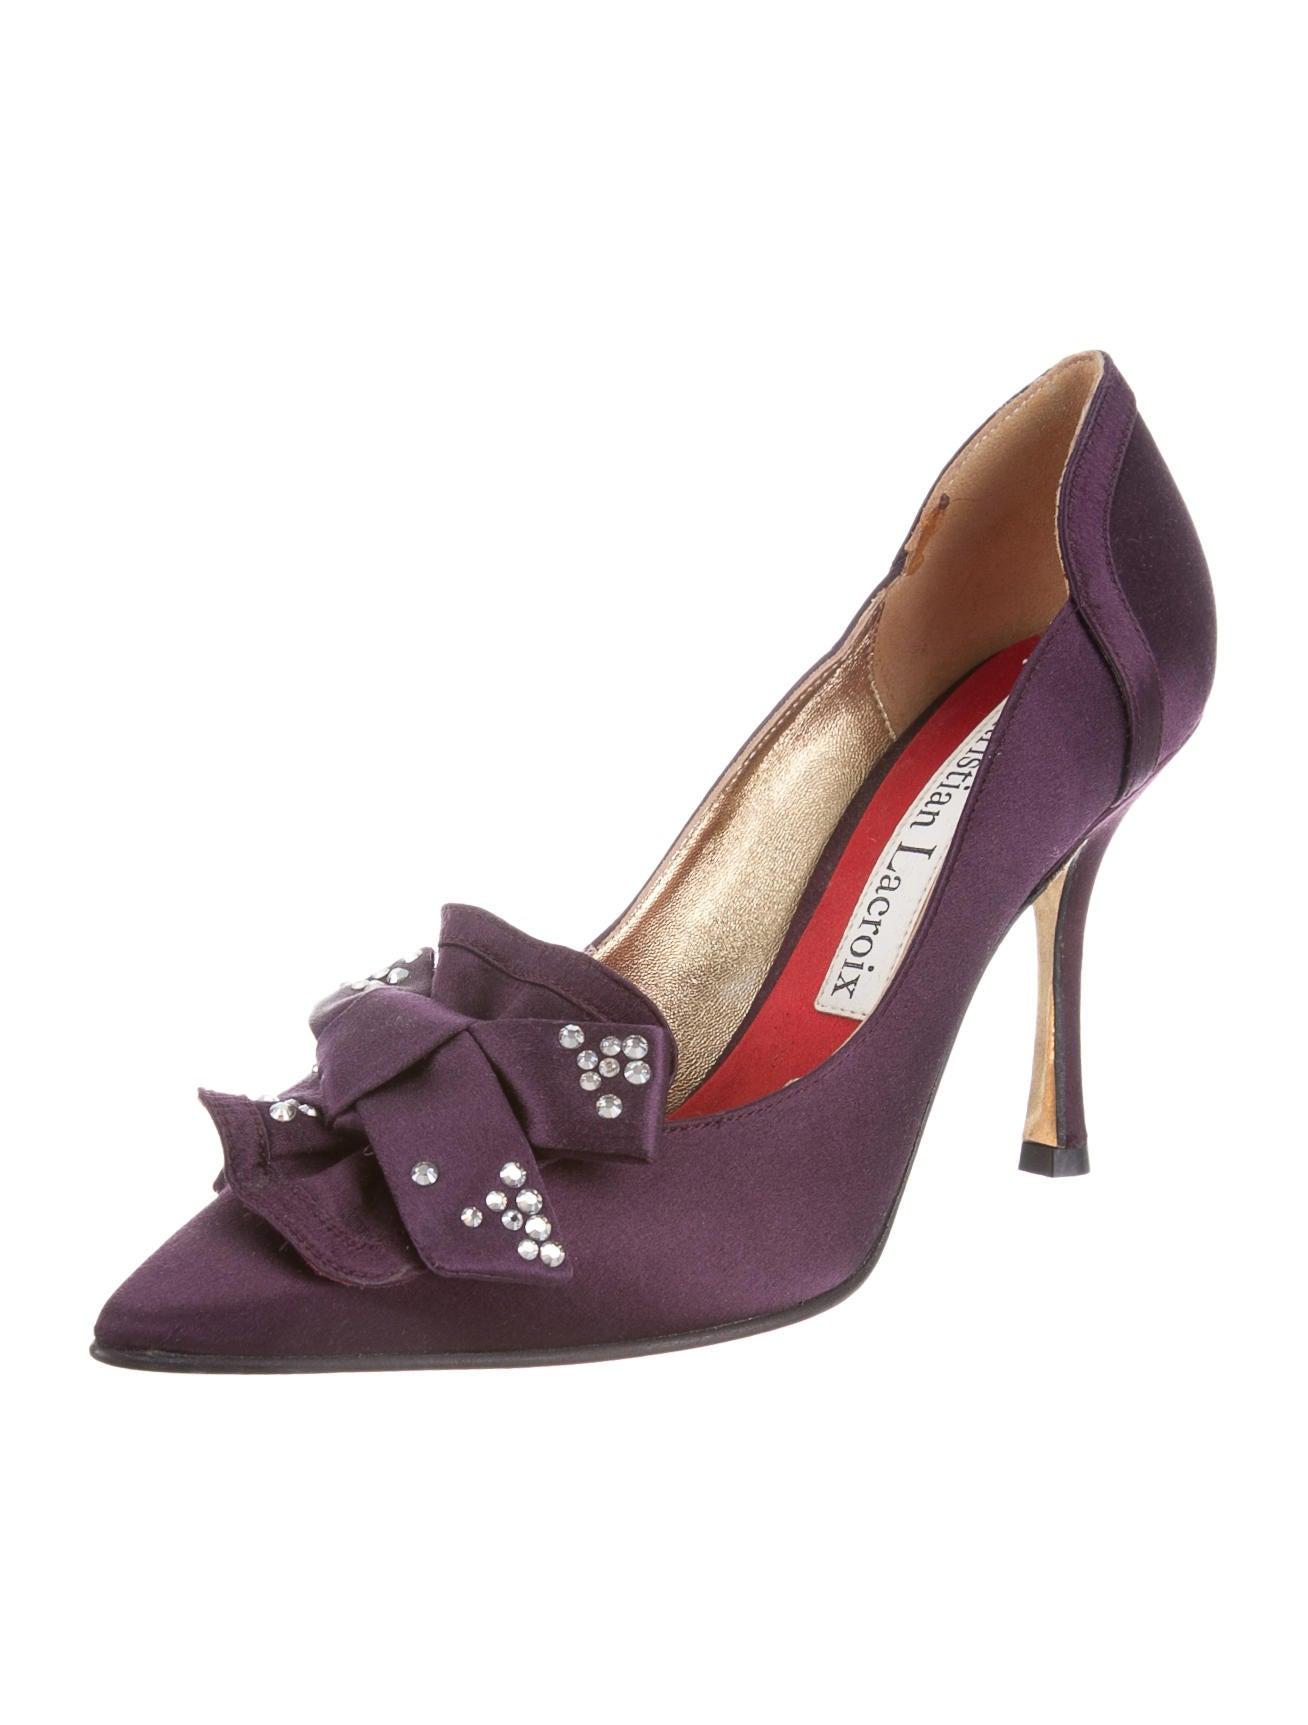 Christian Lacroix Women's Shoes - ShopStyle